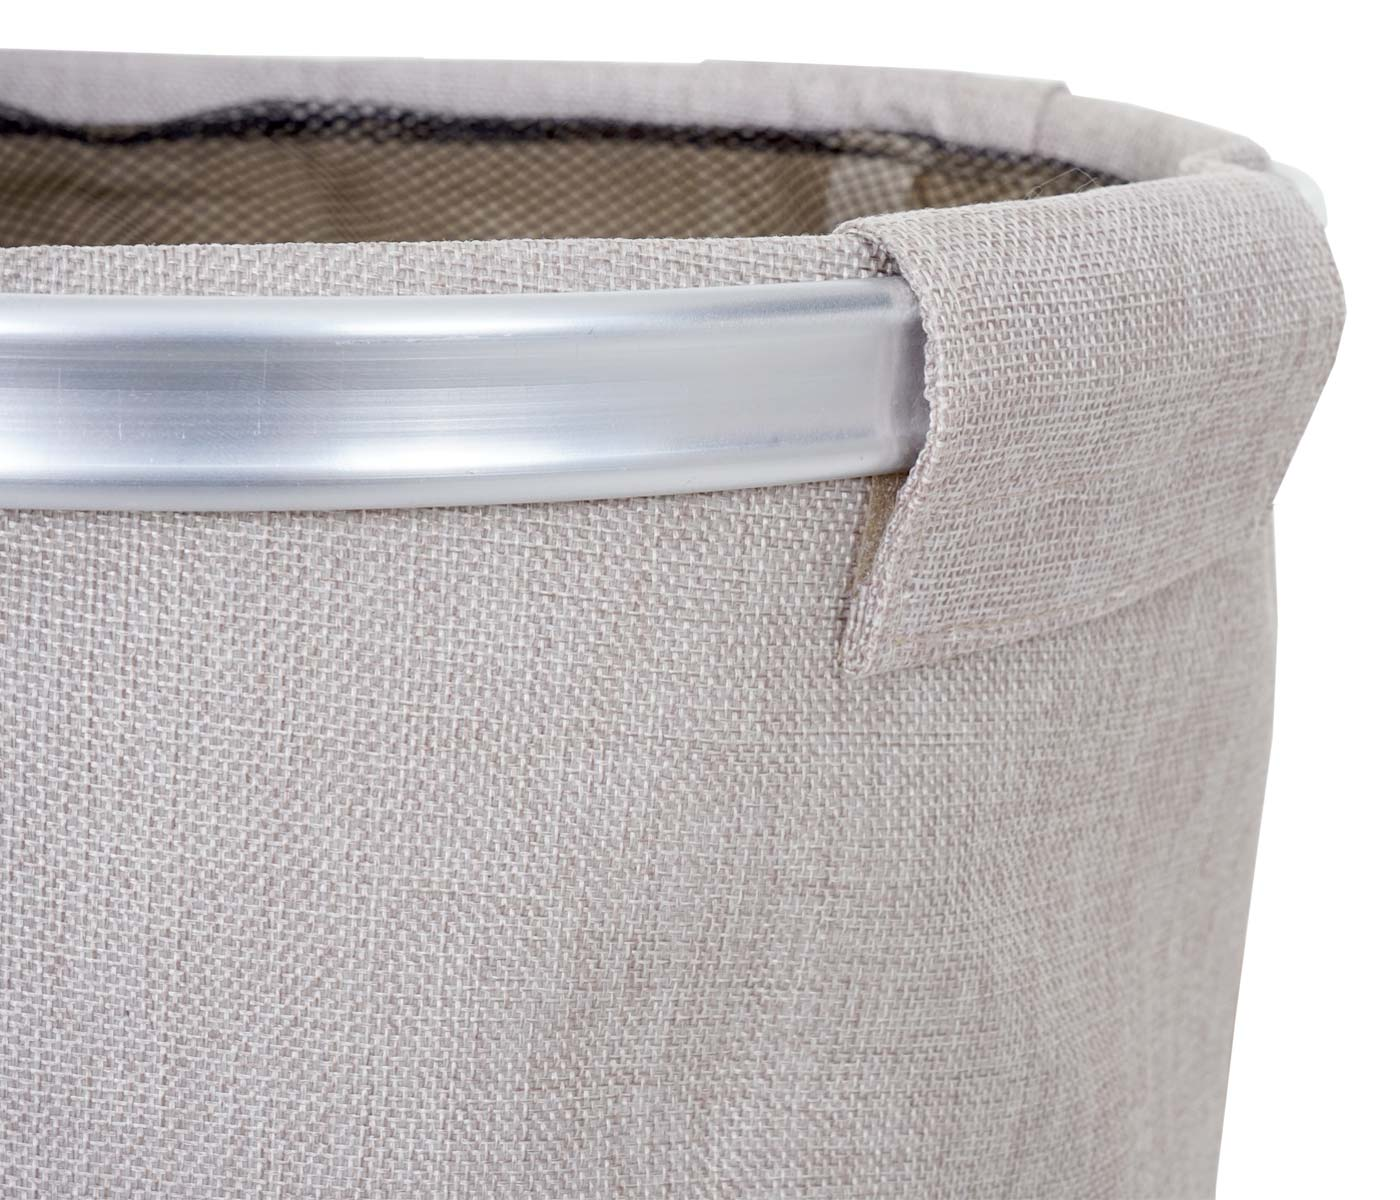 Aluminiumgestell mit Lasche und Klettverschluss Wäschesammler HWC-C34